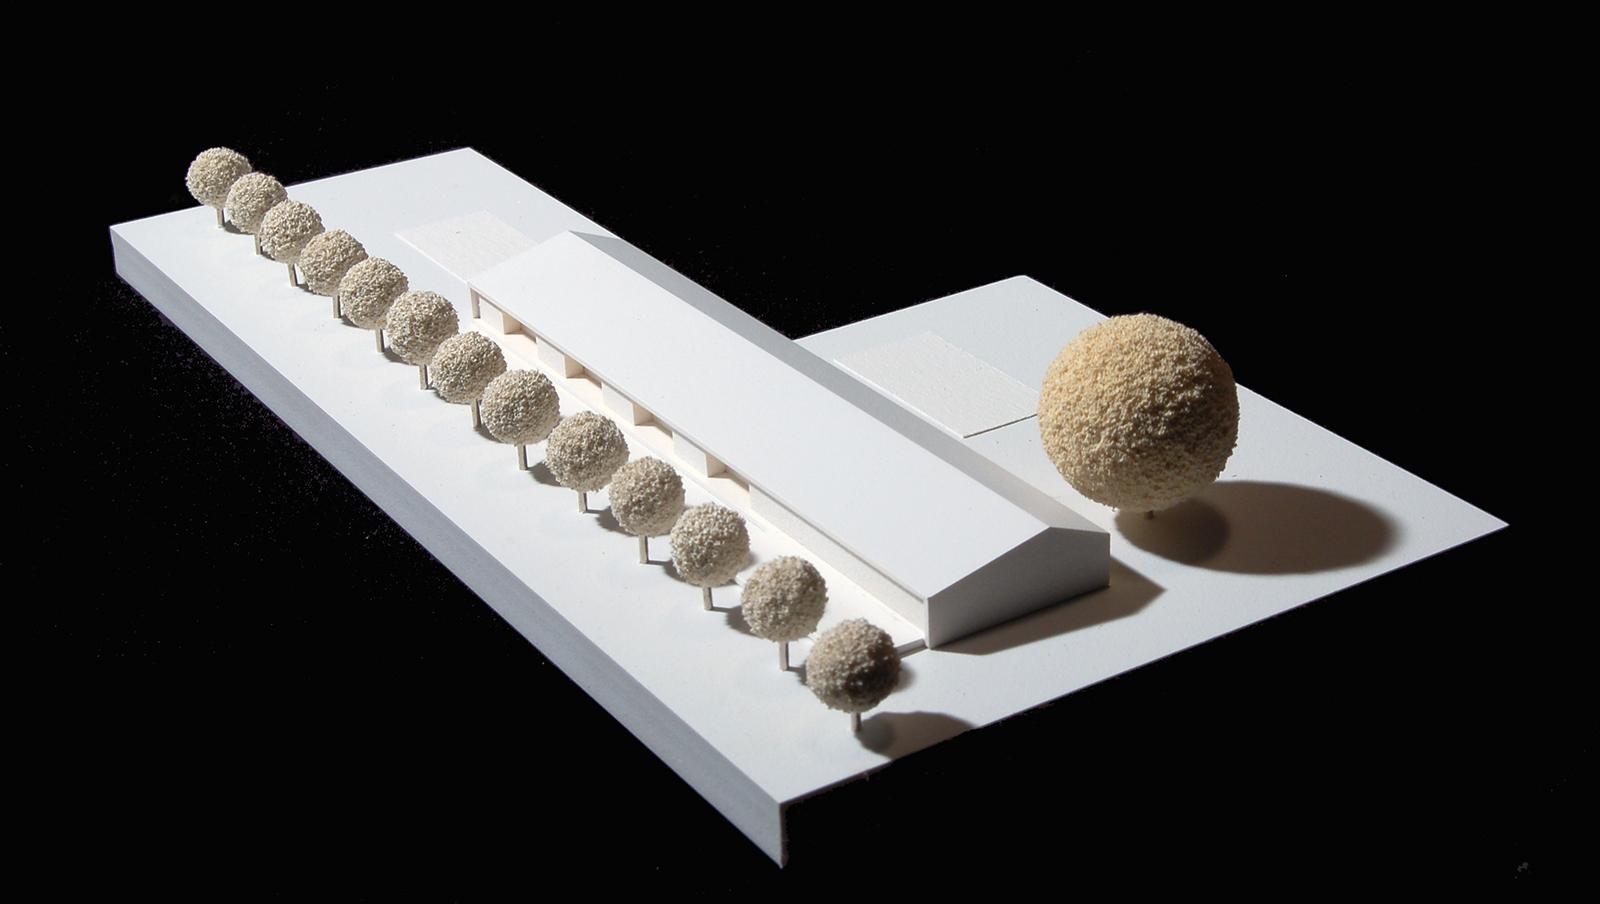 Wettbewerb-Hirrlingen-Friedrich-Poerschke-Zwink-Architekten_Modell